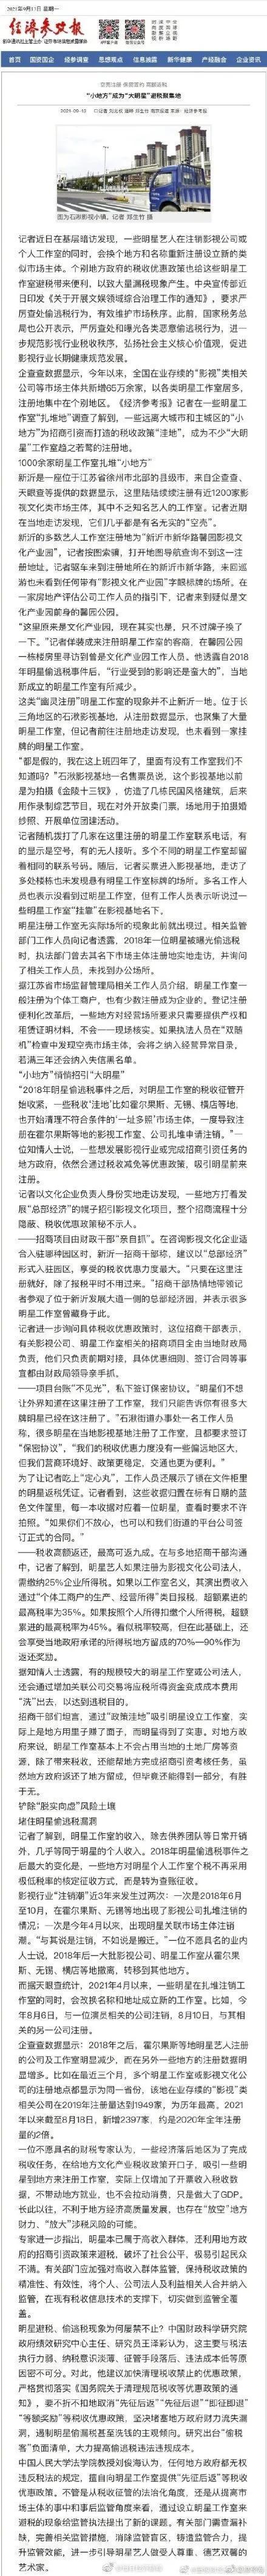 """明星工作室扎堆小地方,千方百计""""避税"""" 全球新闻风头榜 第1张"""